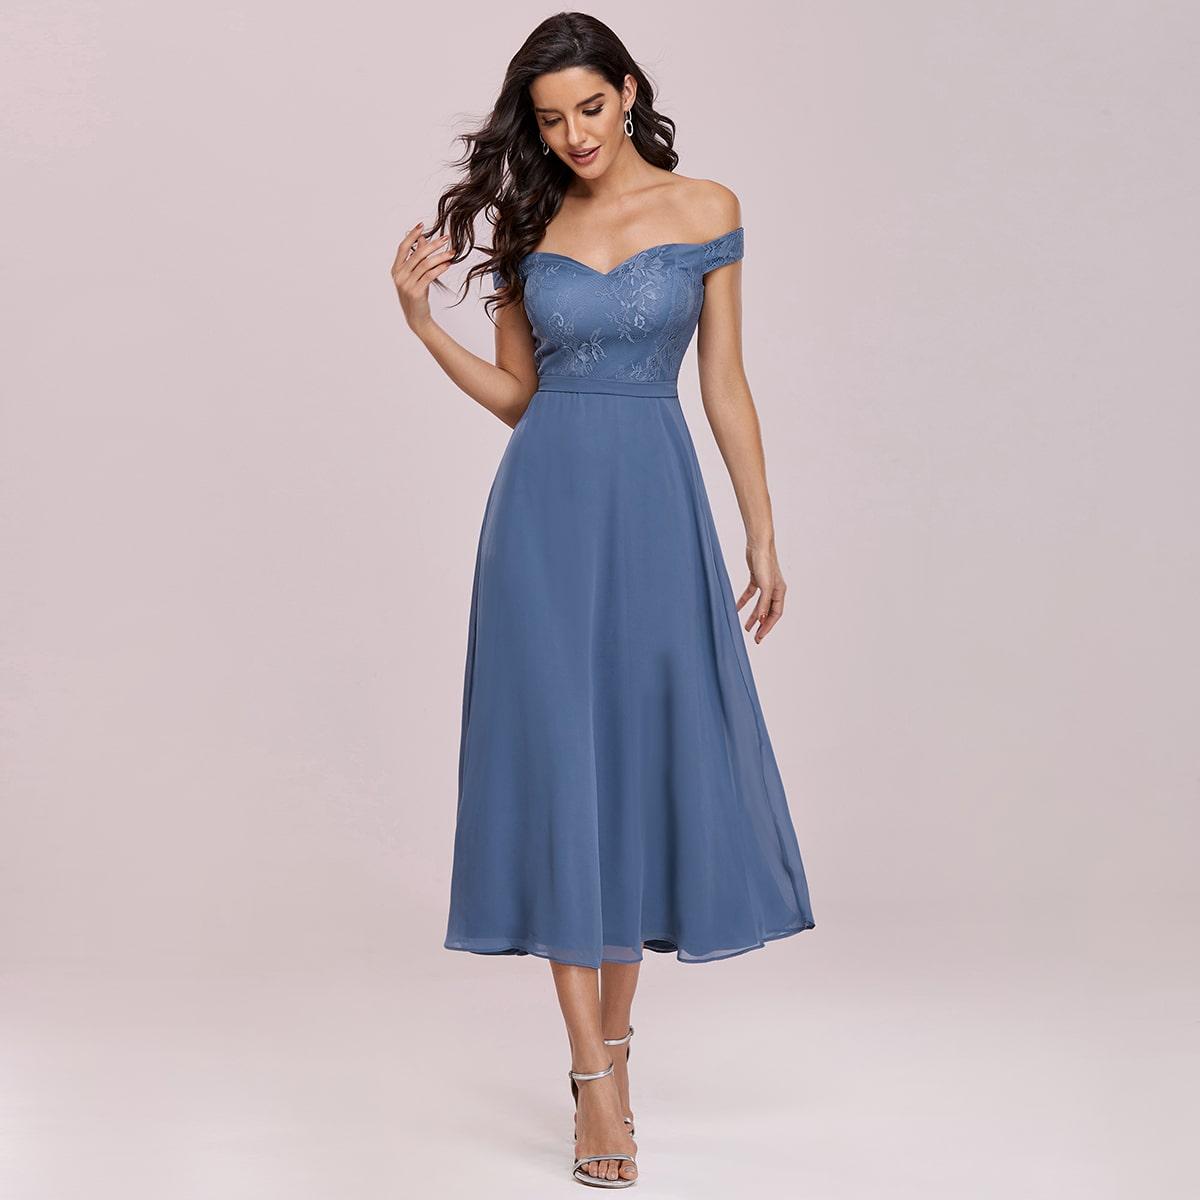 Шифоновое кружевное платье с открытыми плечами